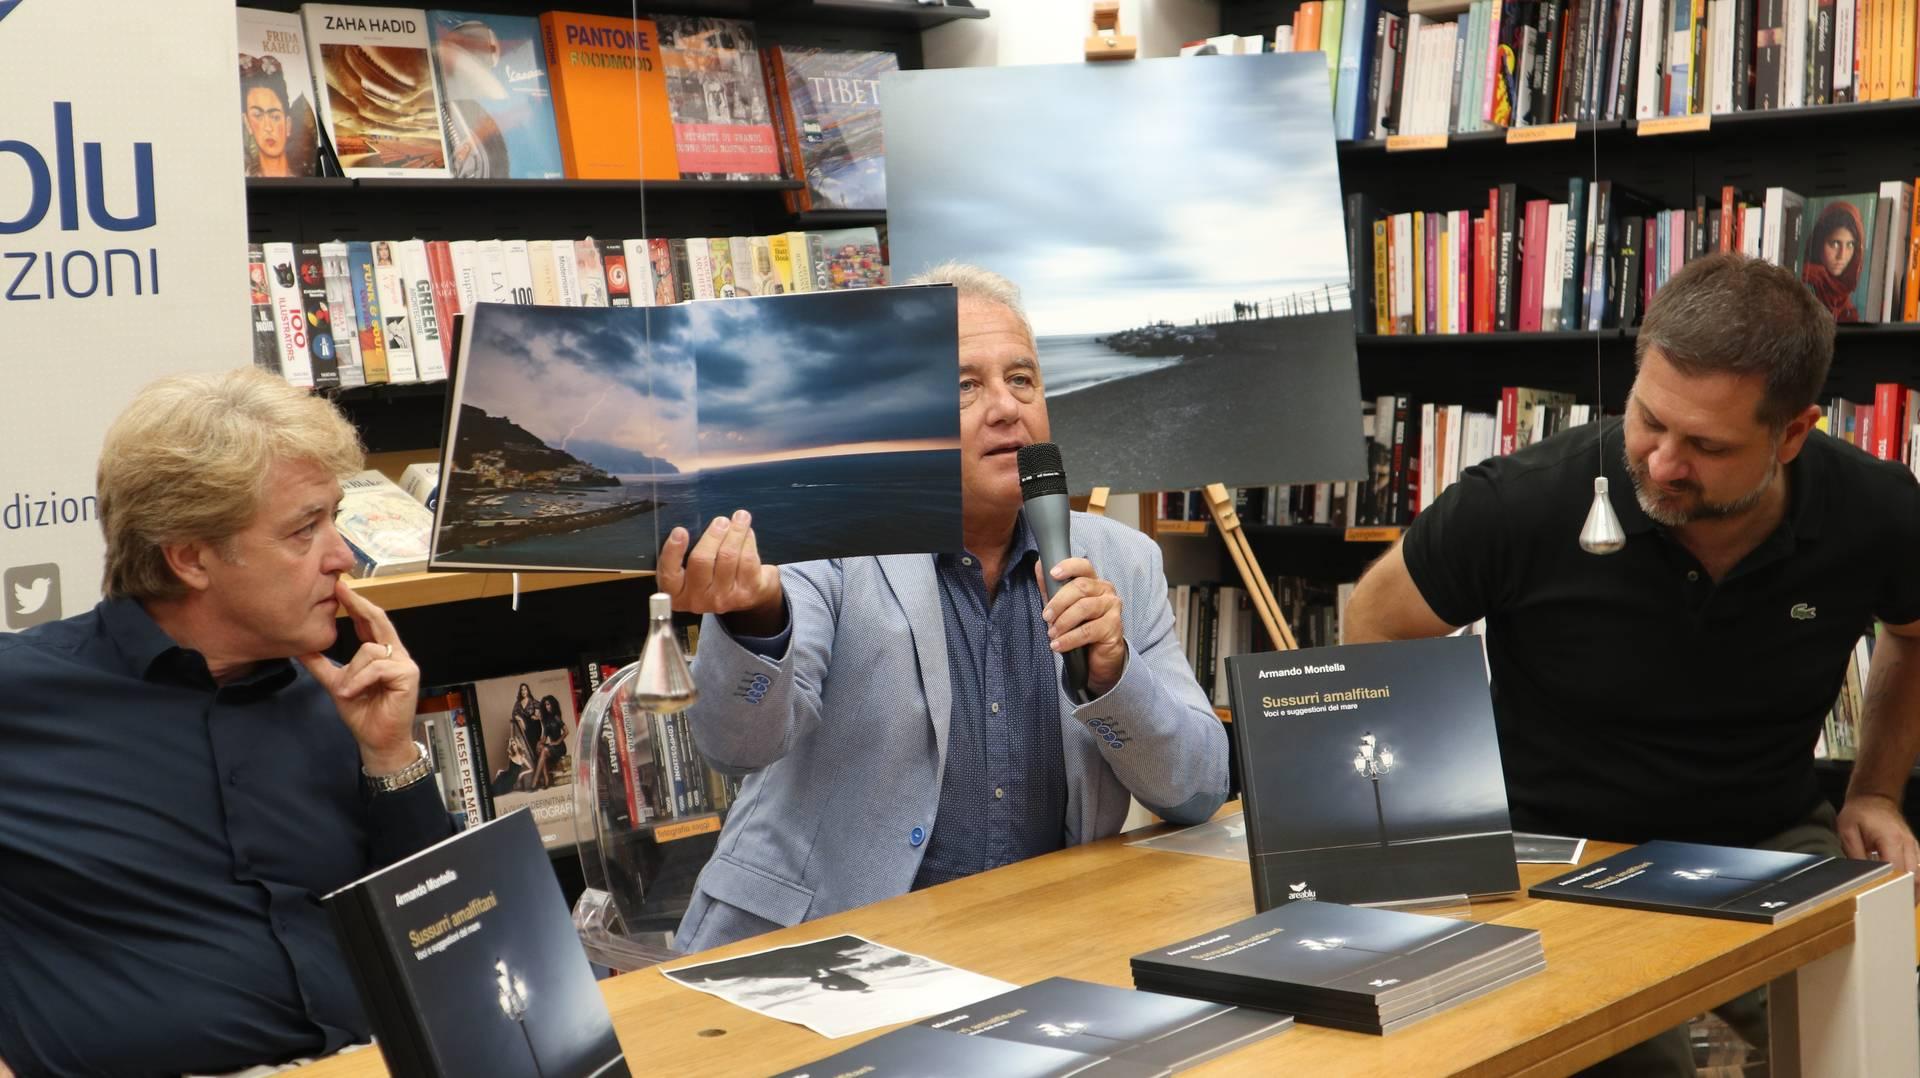 """Presentazione libro fotografico La Feltrinelli """"Sussurri Amalfitani"""""""